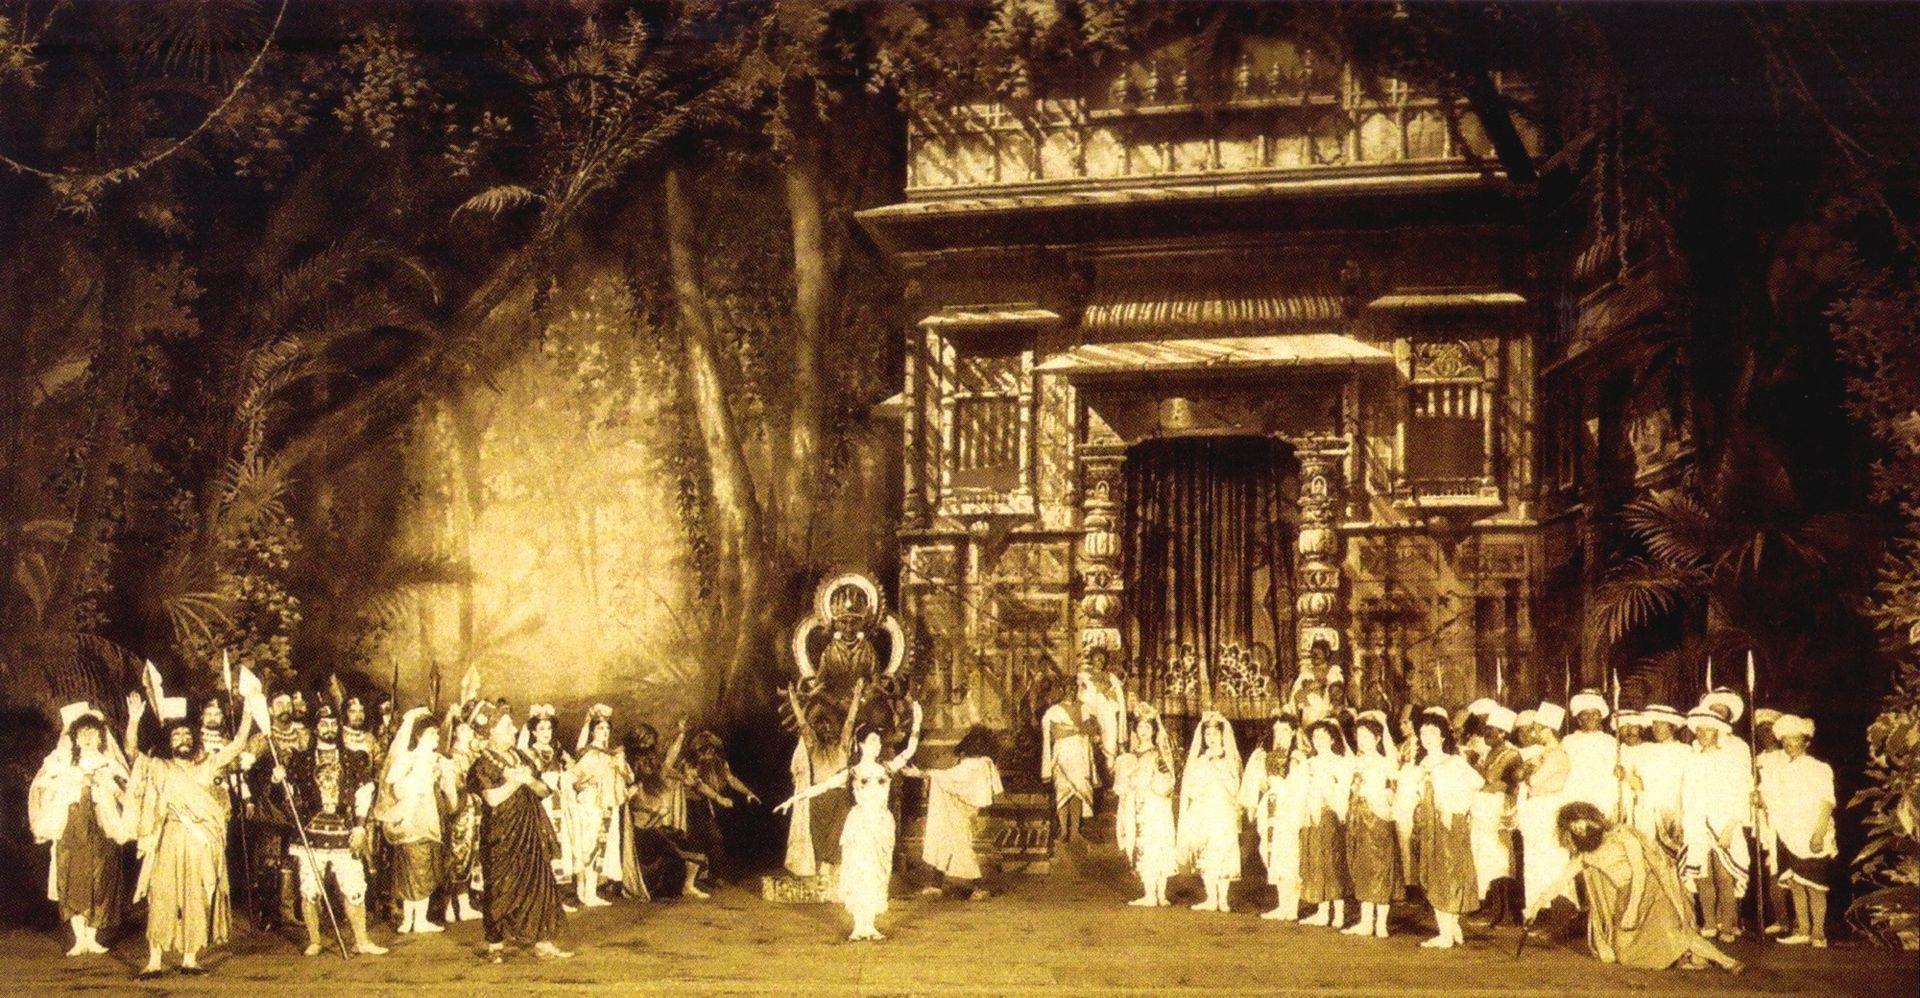 Баядерка. Хореограф Мариус Петипа. Сцена из I акта, 1900